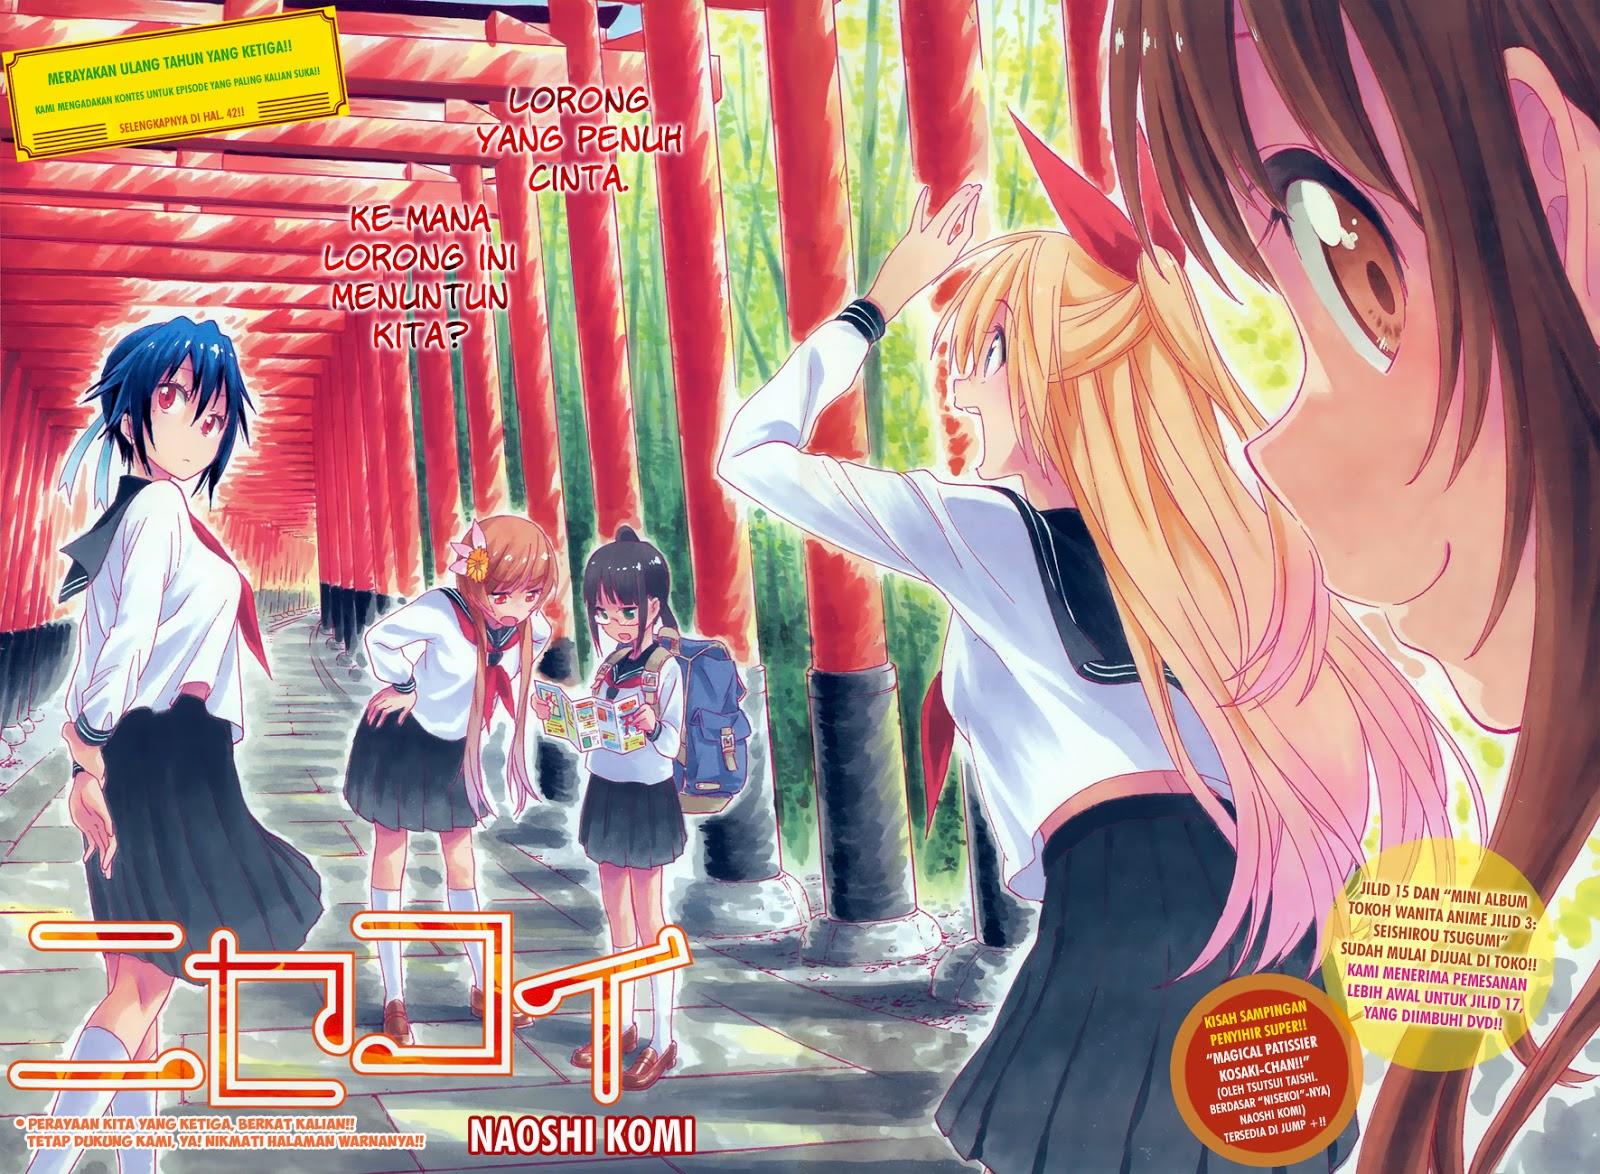 Dilarang COPAS - situs resmi www.mangaku.in - Komik nisekoi 150 - menyusun kelompok 151 Indonesia nisekoi 150 - menyusun kelompok Terbaru 3|Baca Manga Komik Indonesia|